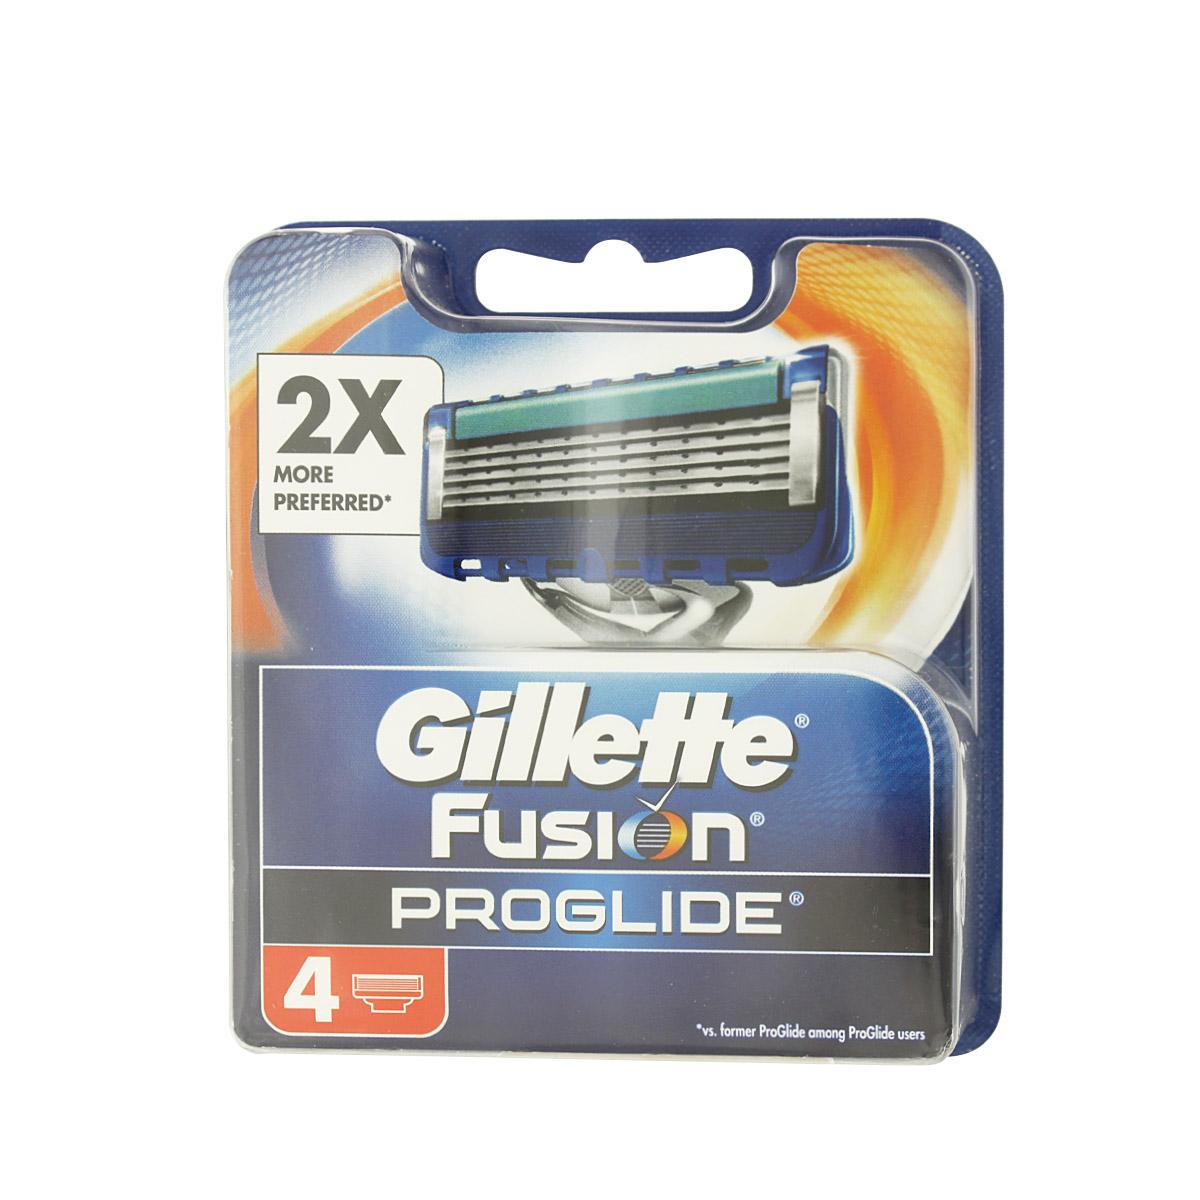 Gillette Fusion Proglide náhradní břity na holení 4 ks M